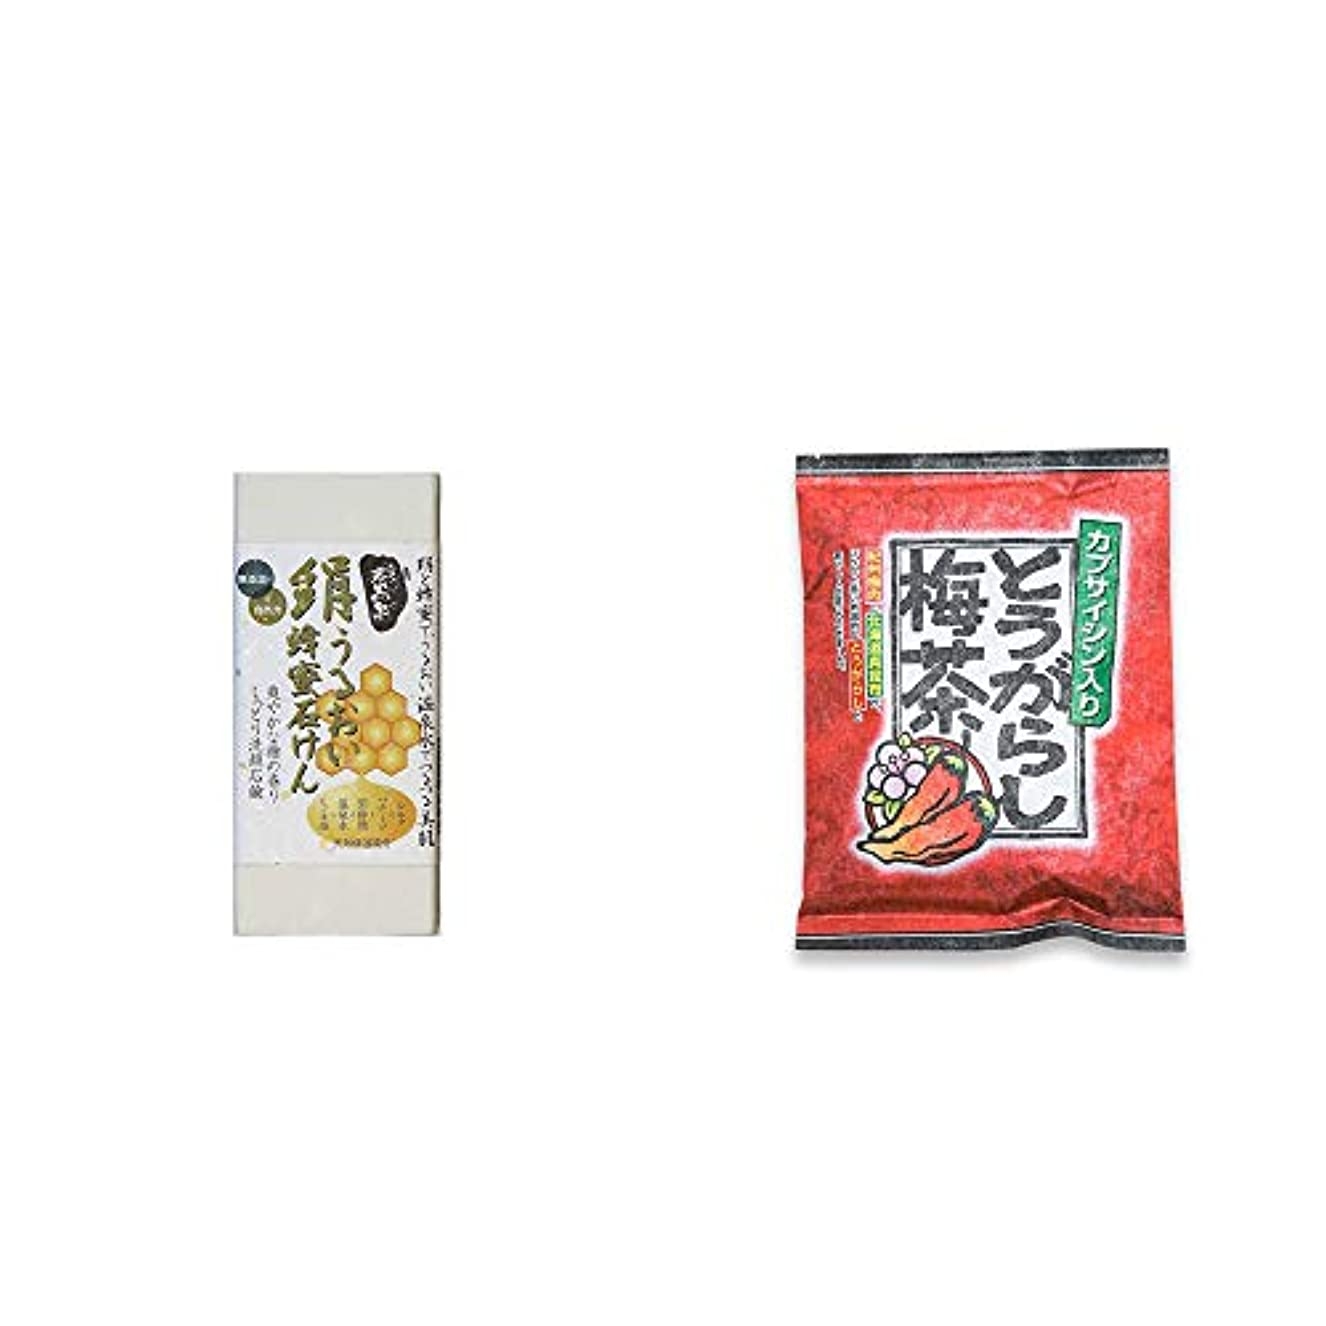 調整する住人リクルート[2点セット] ひのき炭黒泉 絹うるおい蜂蜜石けん(75g×2)?とうがらし梅茶(24袋)